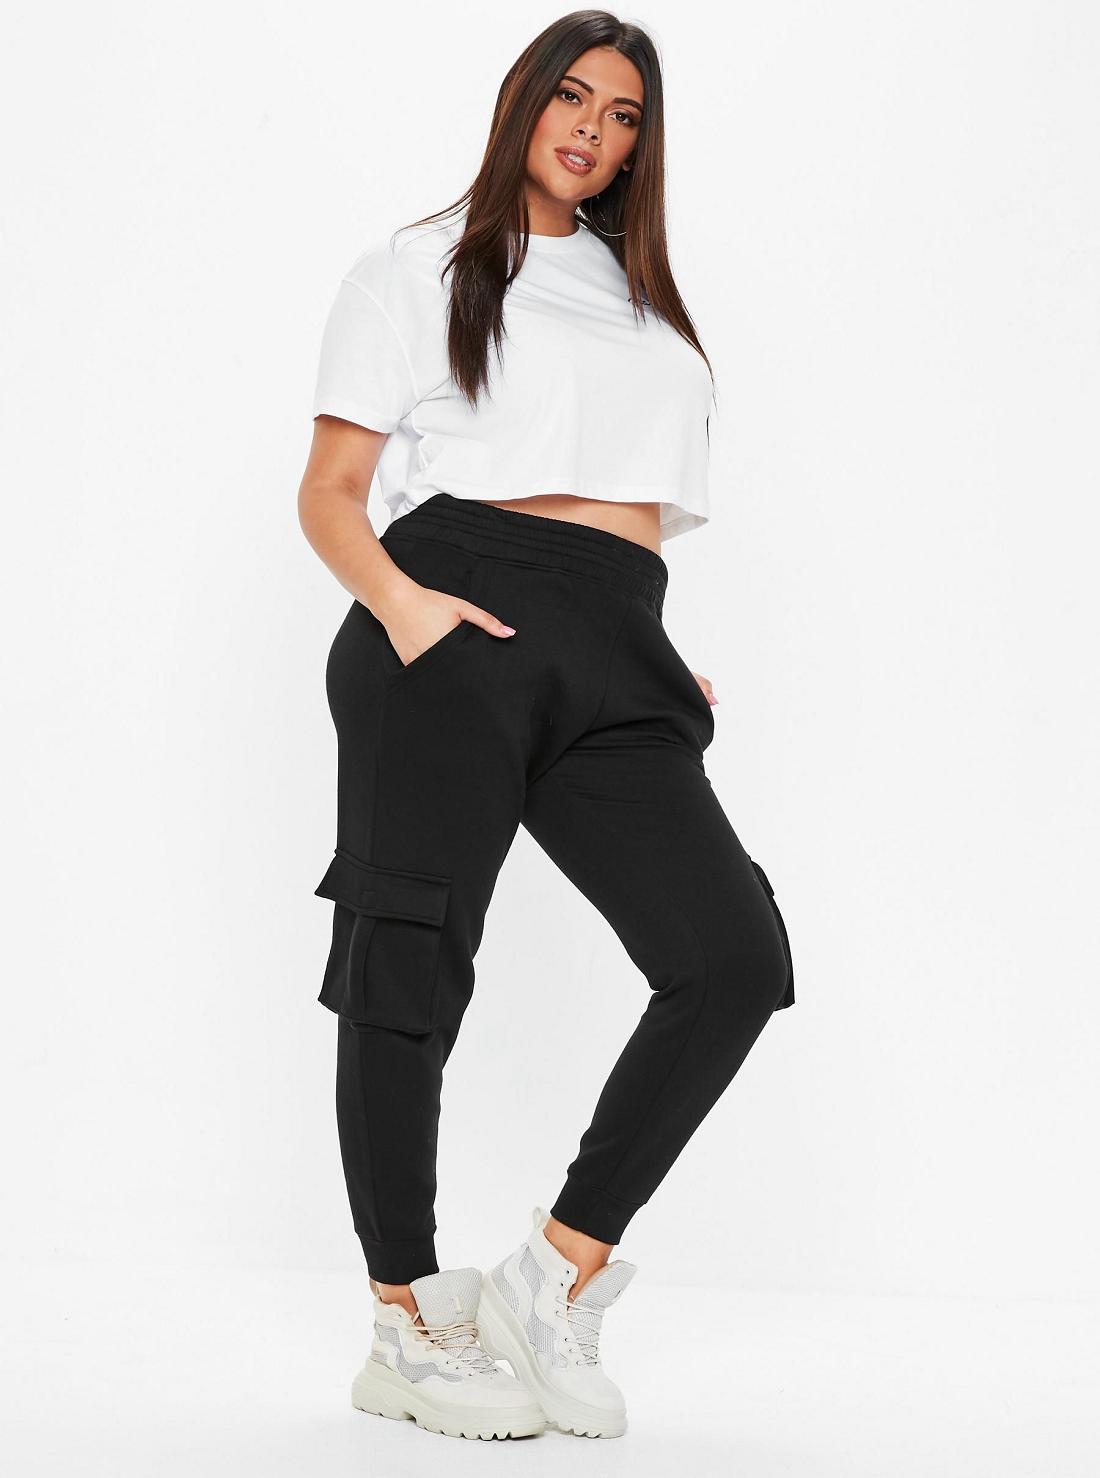 11 Wholesale Women's Plus Size Jogger Pants